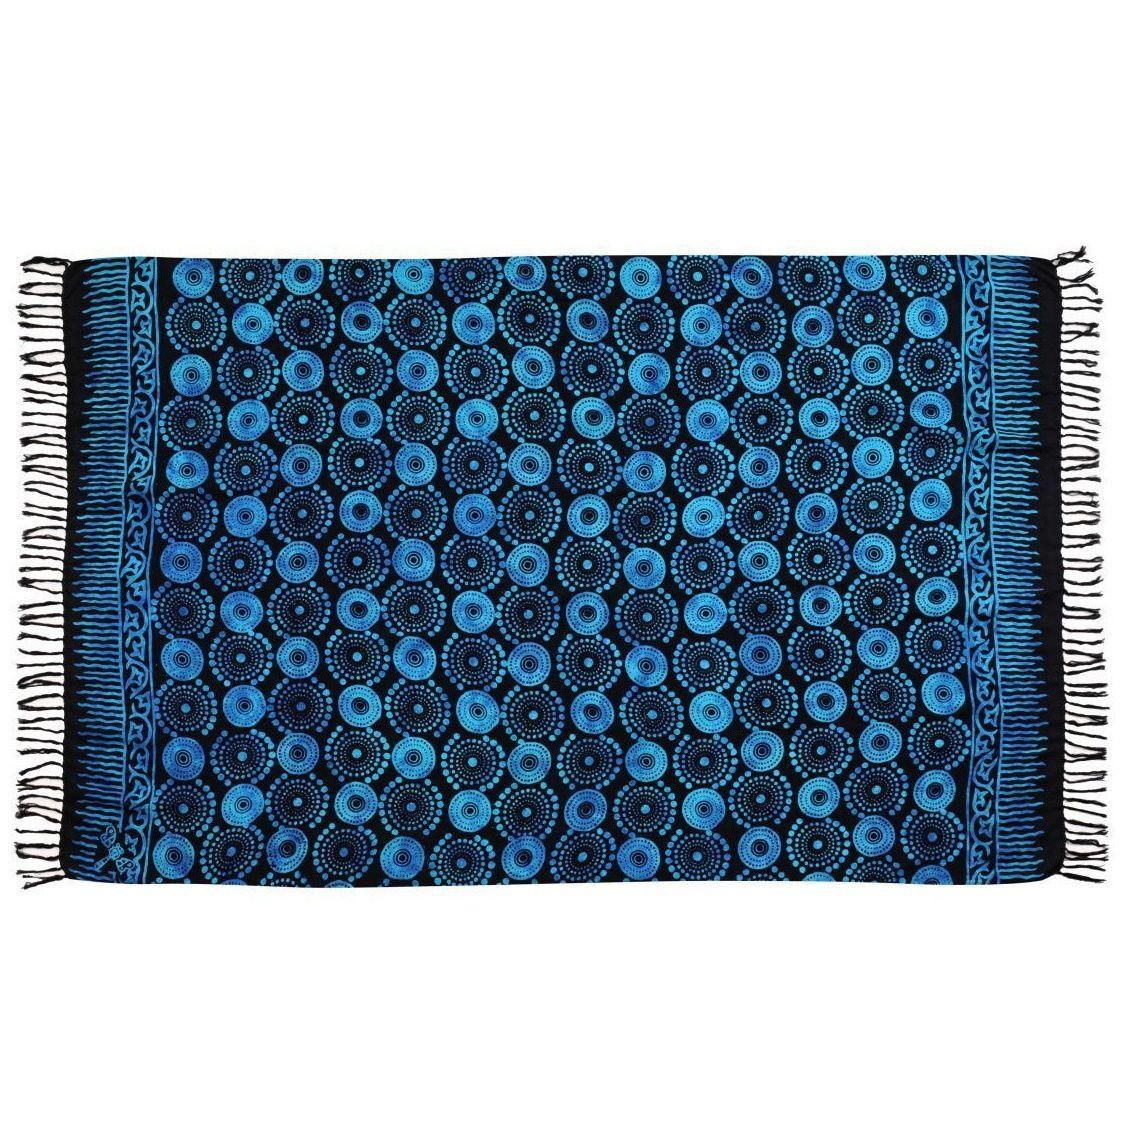 Plážový šátek sarong, pareo Louka černo-modrý